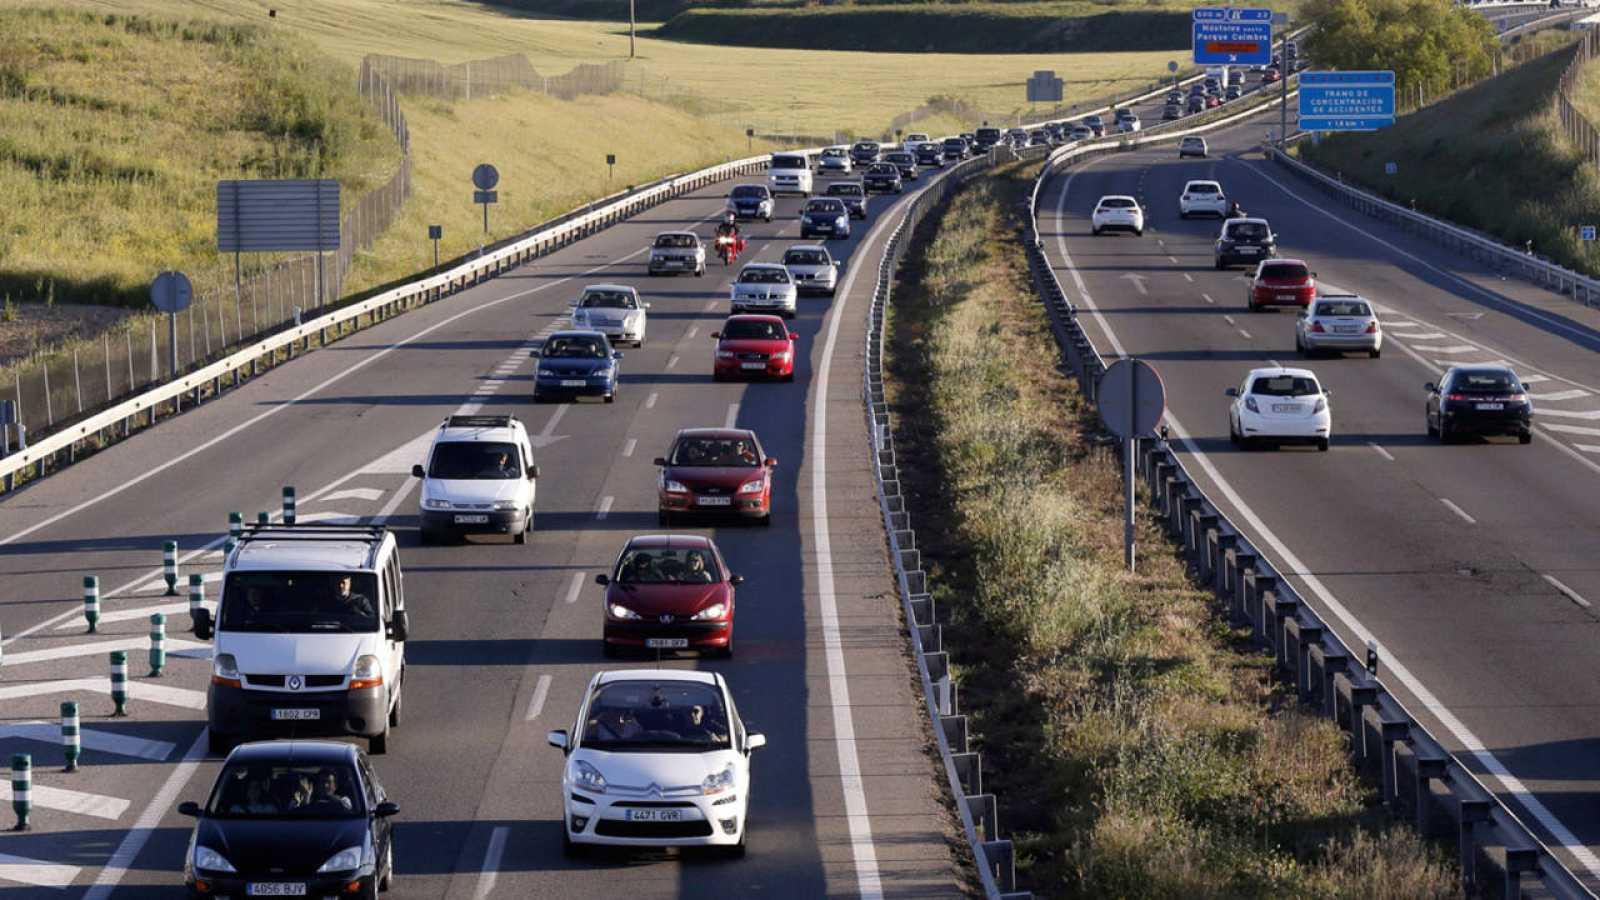 Estado de la circulación en la A-5, Carretera de Extremadura, en sentido entrada a Madrid este lunes.